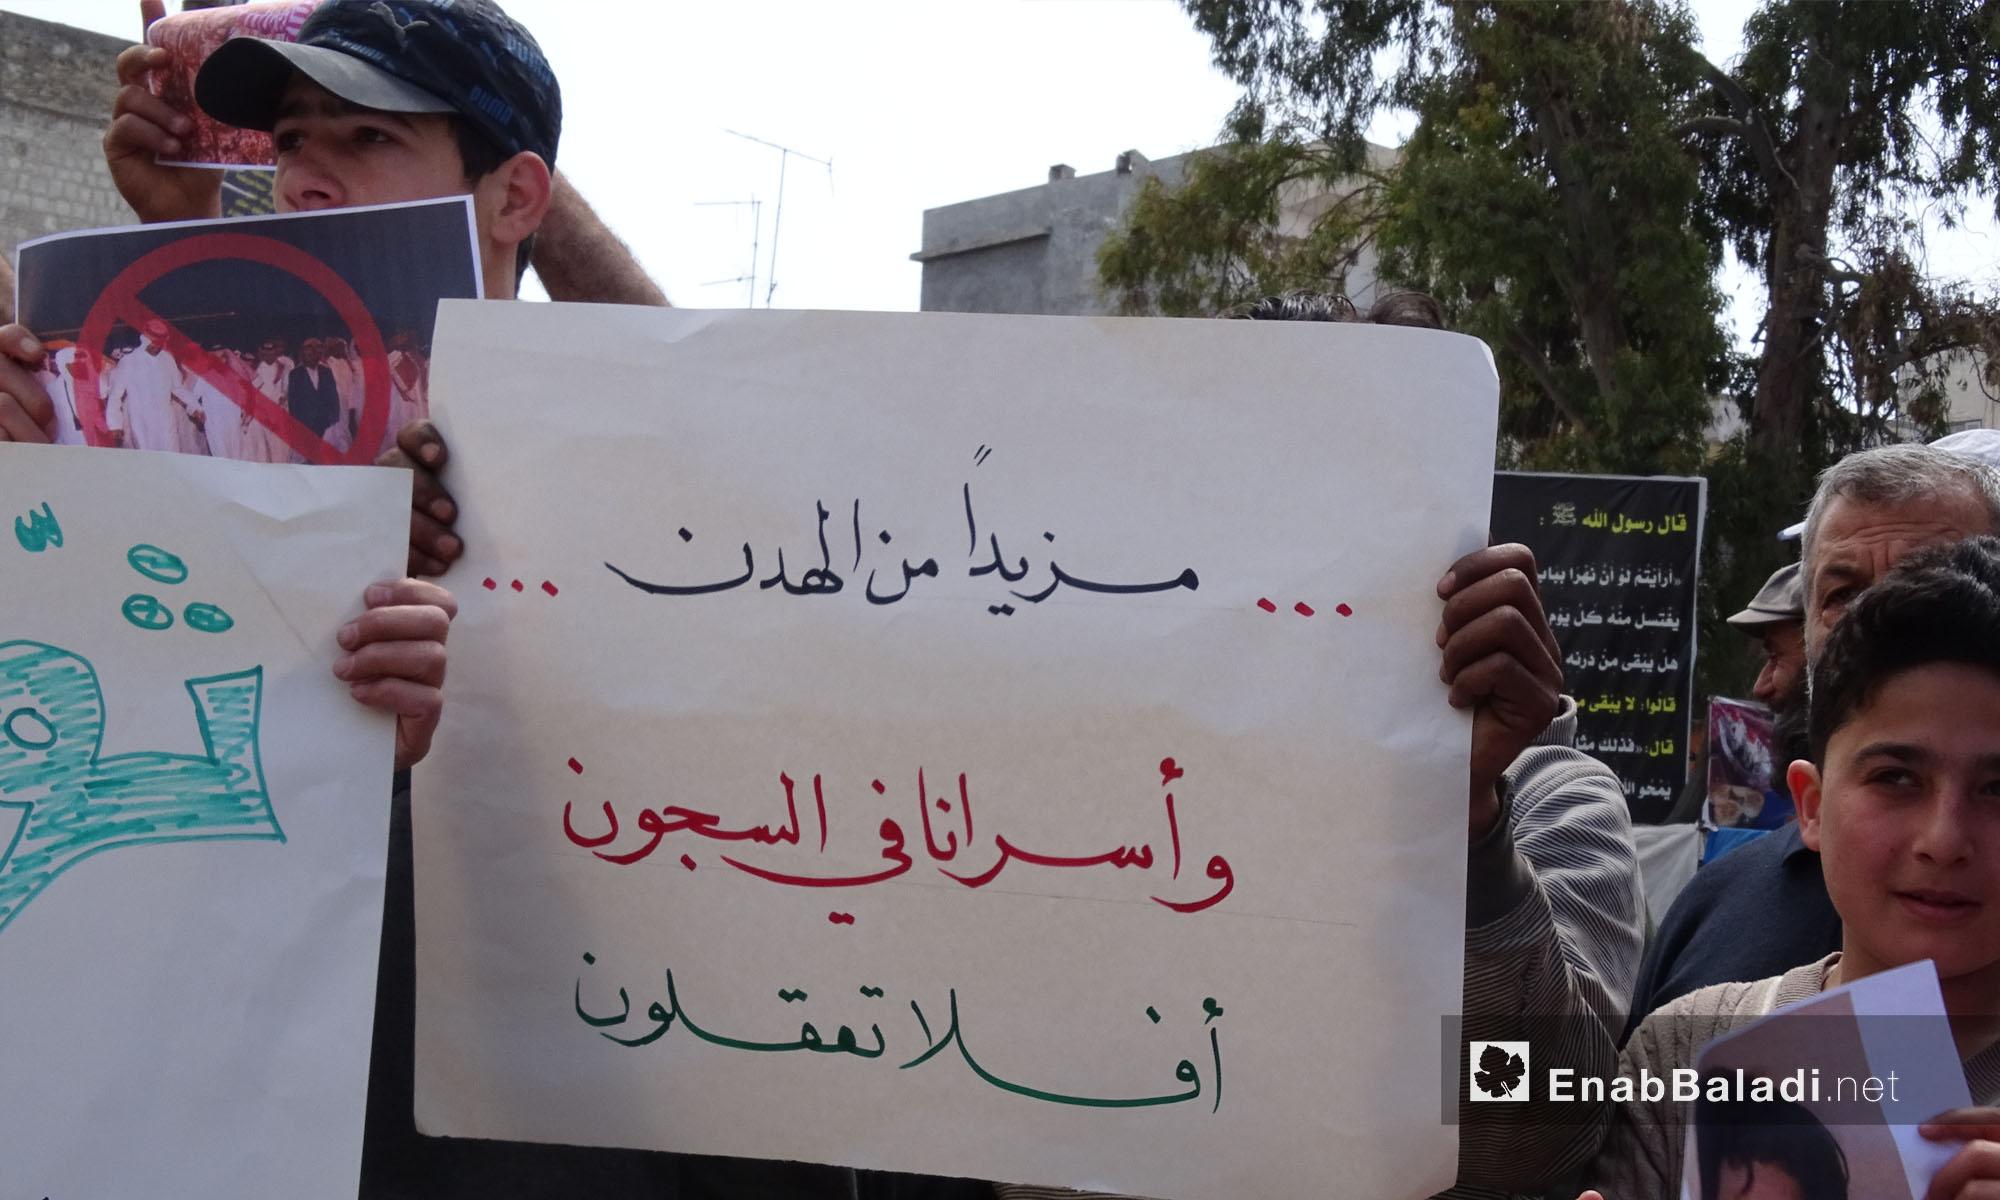 لافتة حملها متظاهرون في مدينة إدلب - 23 نيسان 2017 (عنب بلدي)